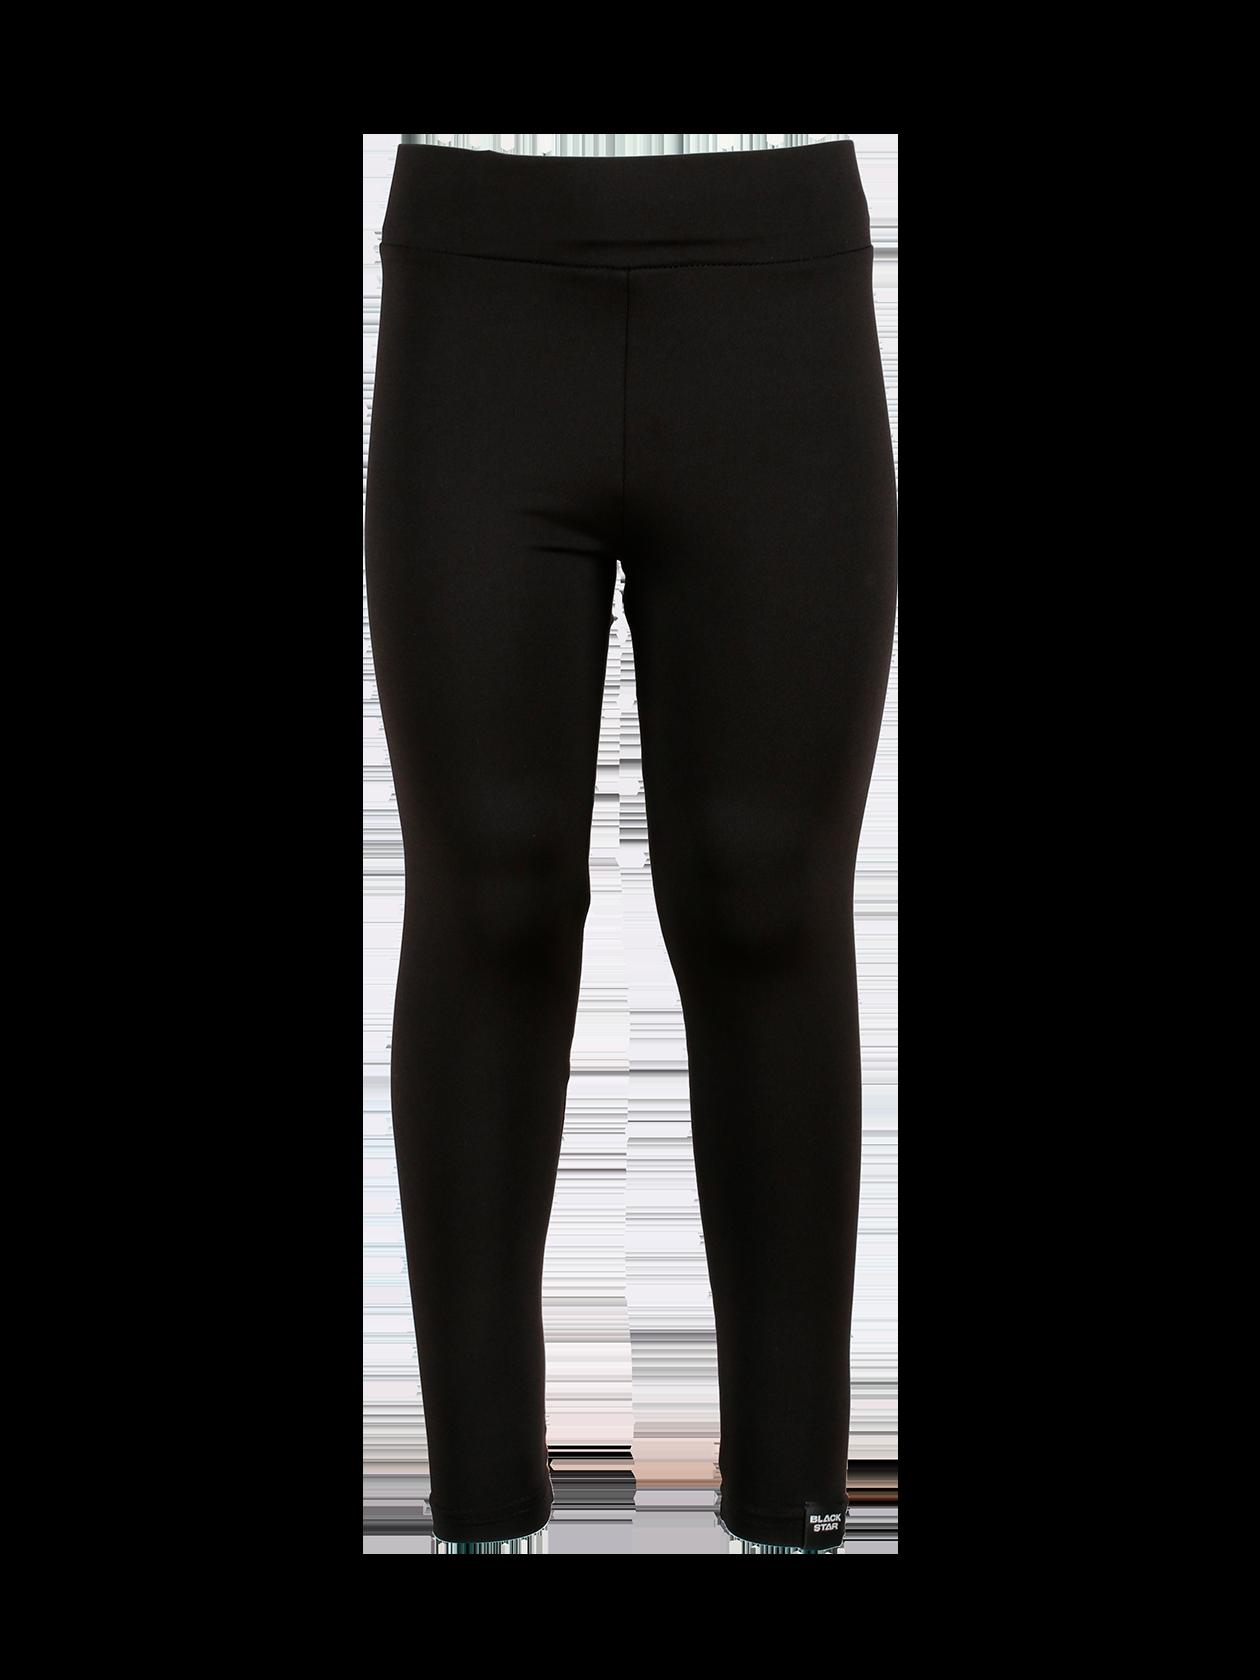 Леггинсы детские BLACK CLASSICДетские леггинсы Black Classic из линейки Basic – отличный выбор для частой носки. Модель облегающей формы с широким поясом хорошо фиксирует вещь по фигуре, сохраняя привычную активность ребенка. Базовая черная расцветка, лаконичный дизайн. Материал изготовления – бленд высококачественного хлопкового полотна с добавлением эластичной ткани для большей практичности. На левой штанине по нижнему краю оформлена фирменная нашивка с логотипом Black Star.<br><br>Размер: 5-6 years<br>Цвет: Черный<br>Пол: Унисекс